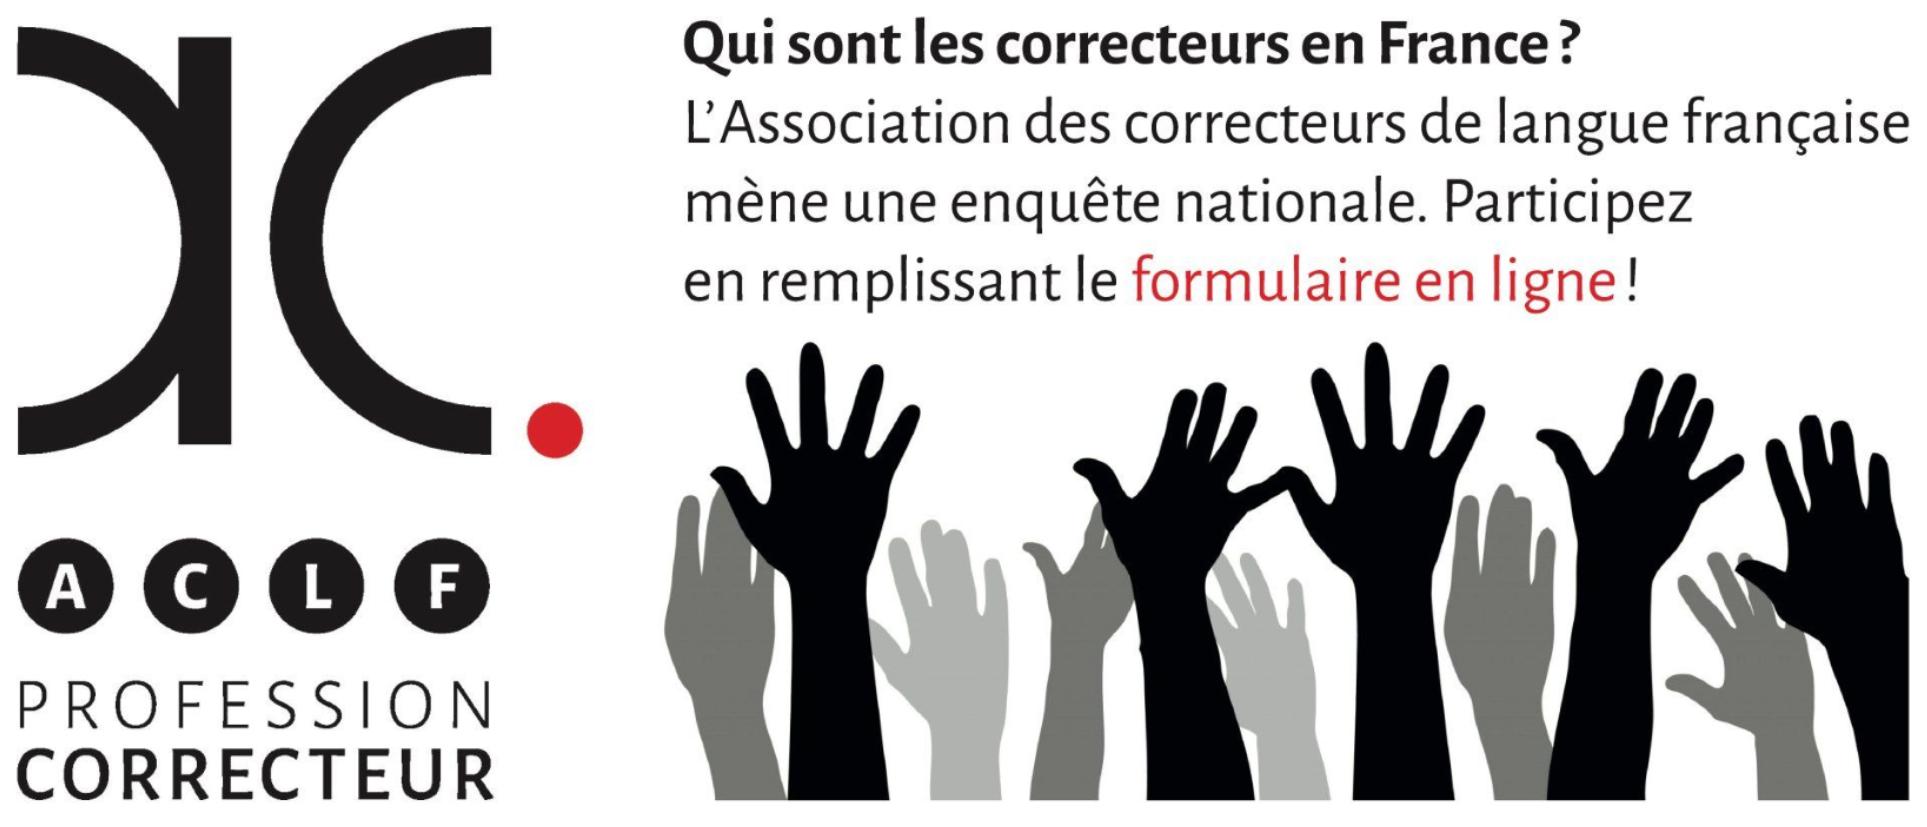 Enquête nationale « Profession : correcteur » de l'Association des correcteurs de langue française (ACLF)